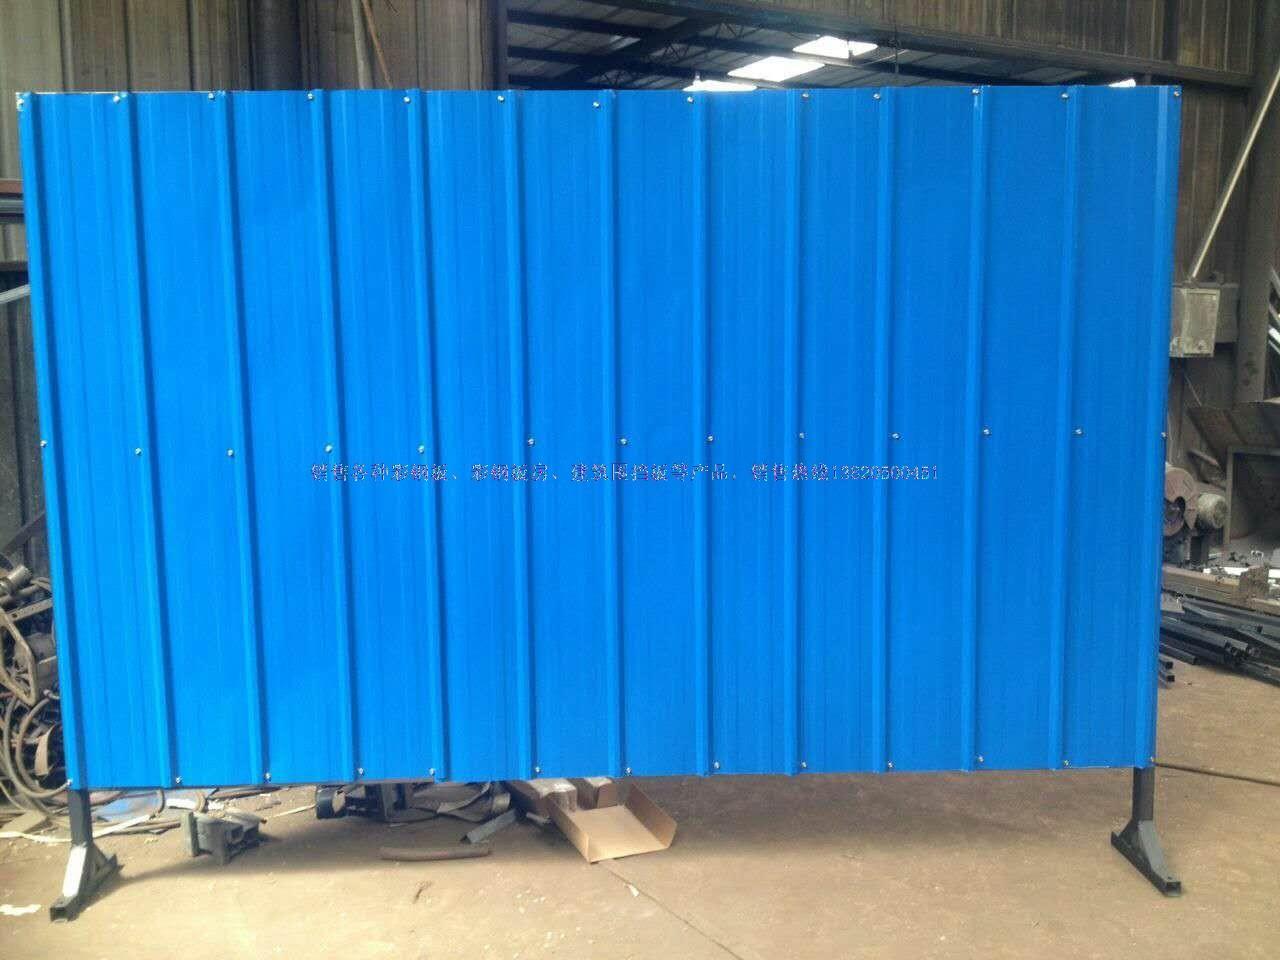 天津大港彩钢厂/建筑施工围挡/彩钢围挡板/工程围挡板制作加工